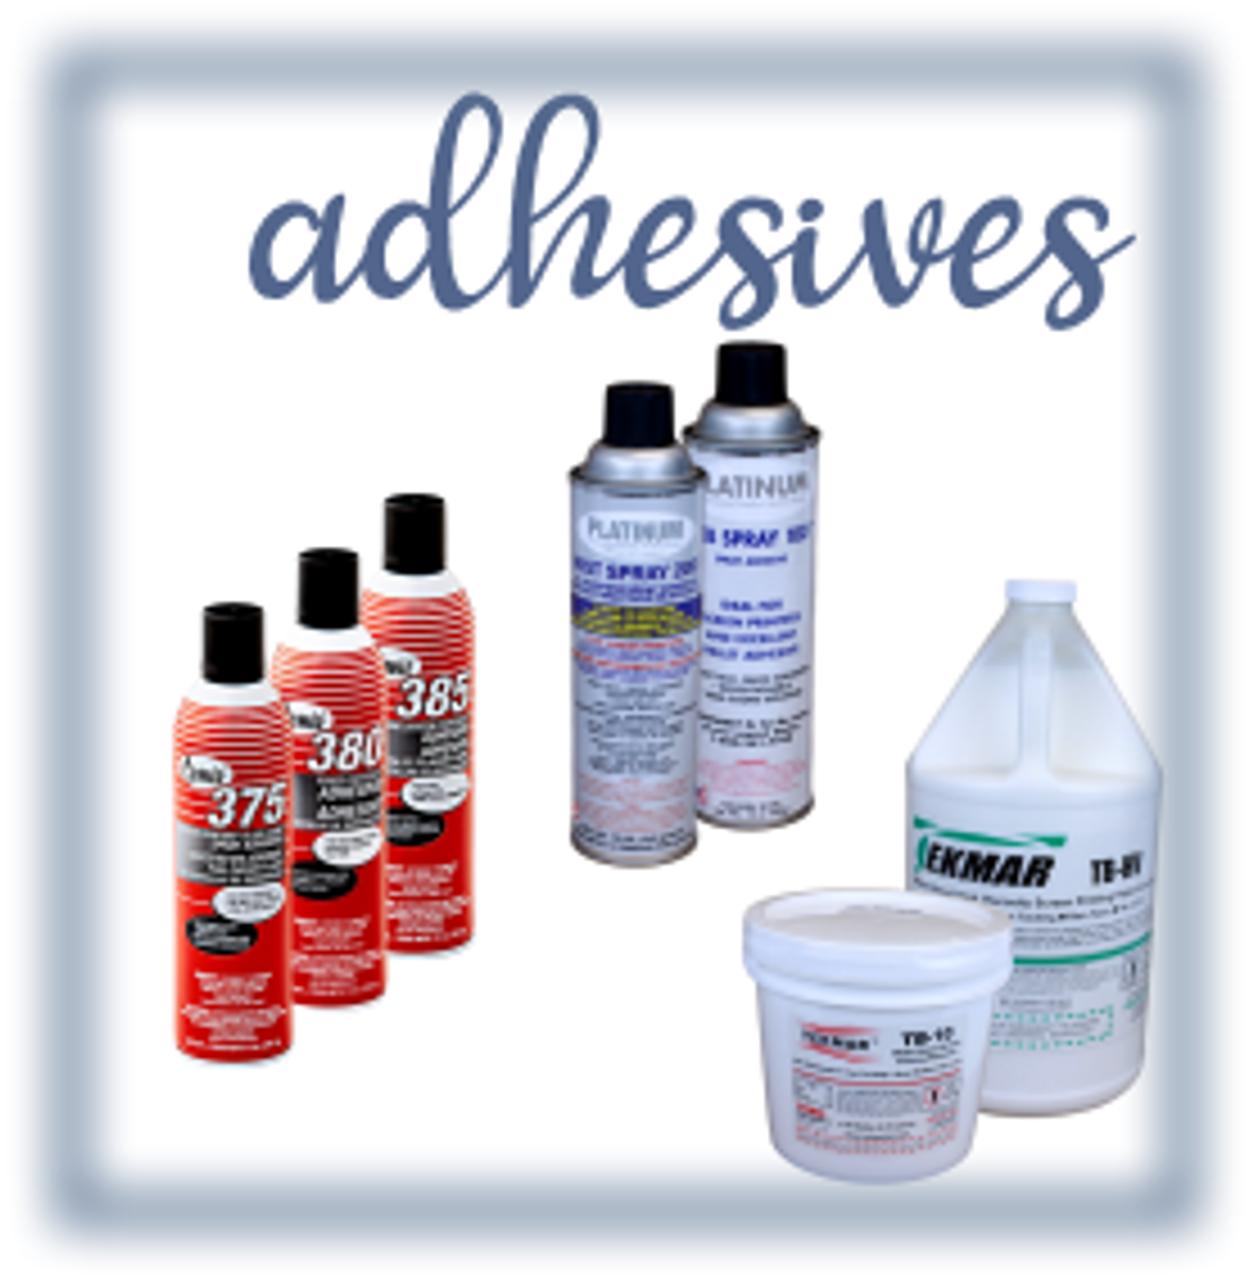 Adhesives & Sprays